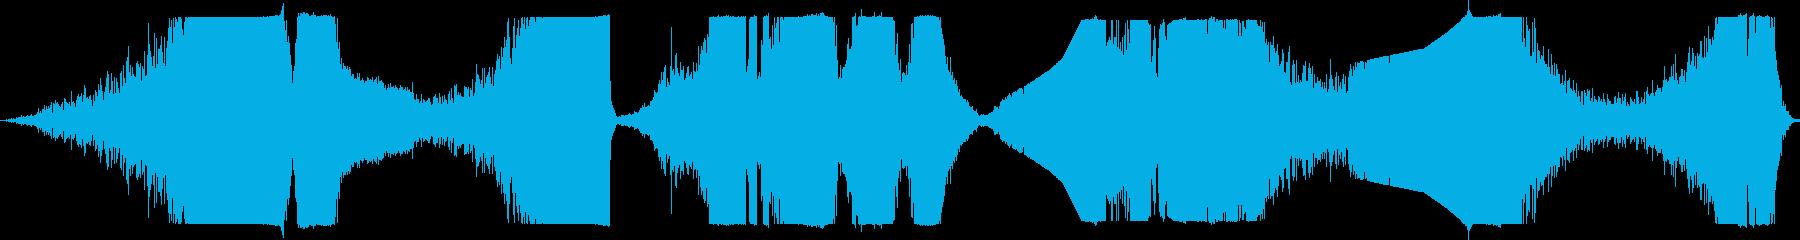 リバースランブル、ヘビーヒット、エ...の再生済みの波形